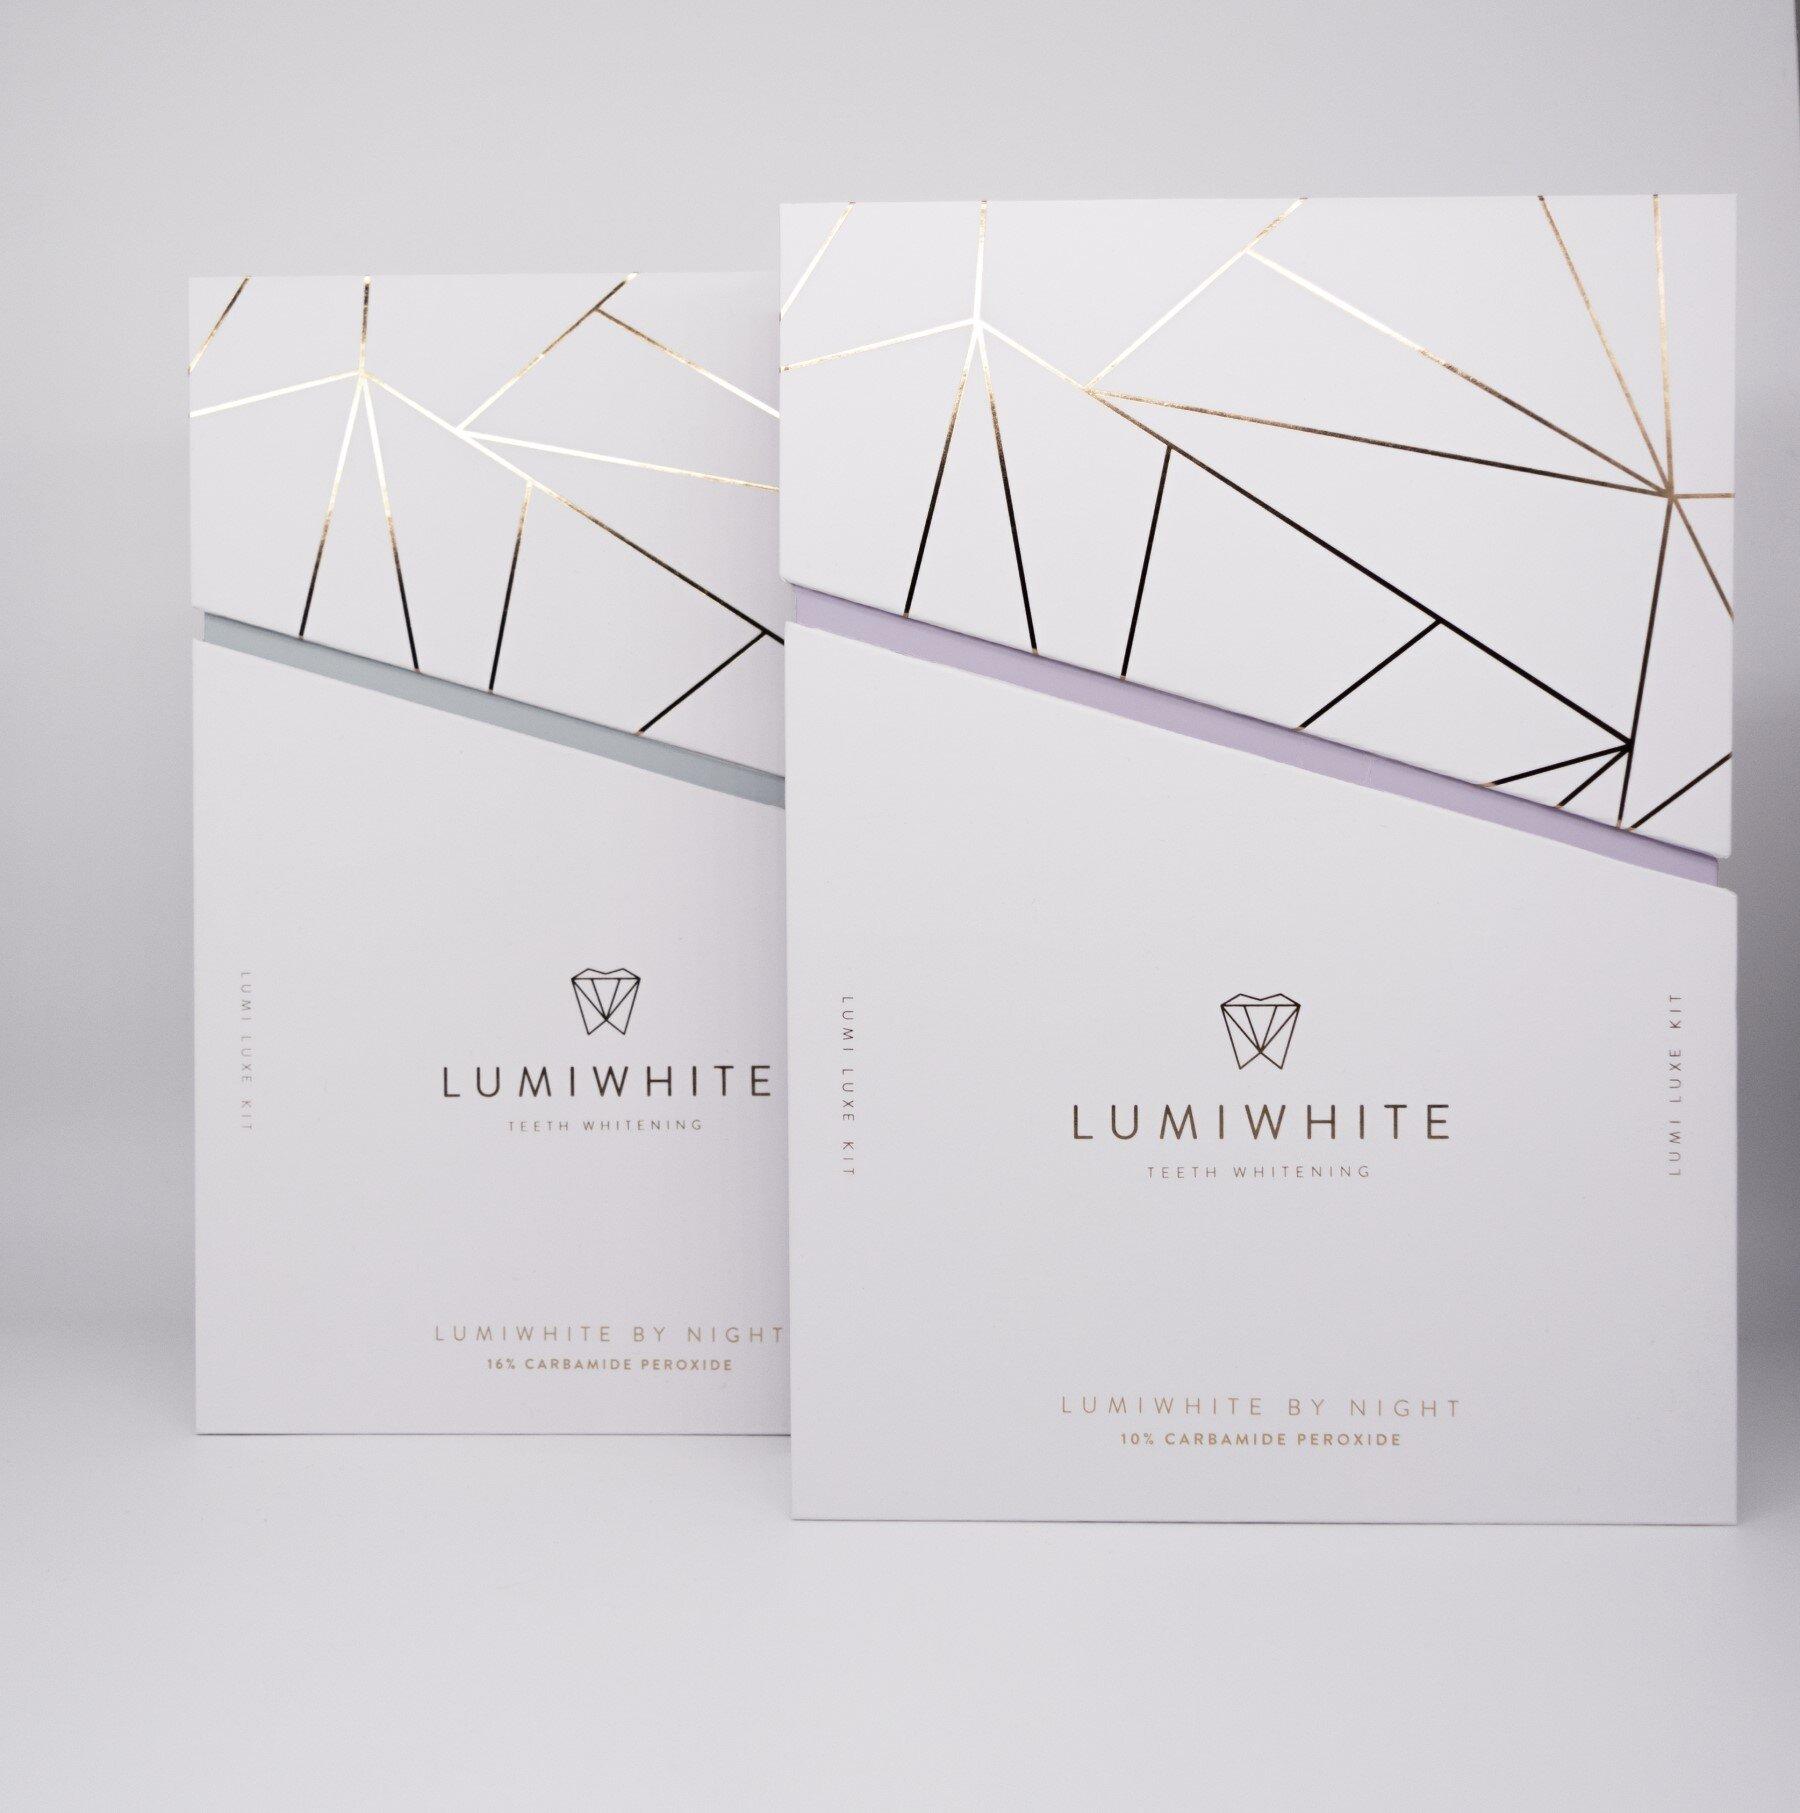 lumi luxe kits